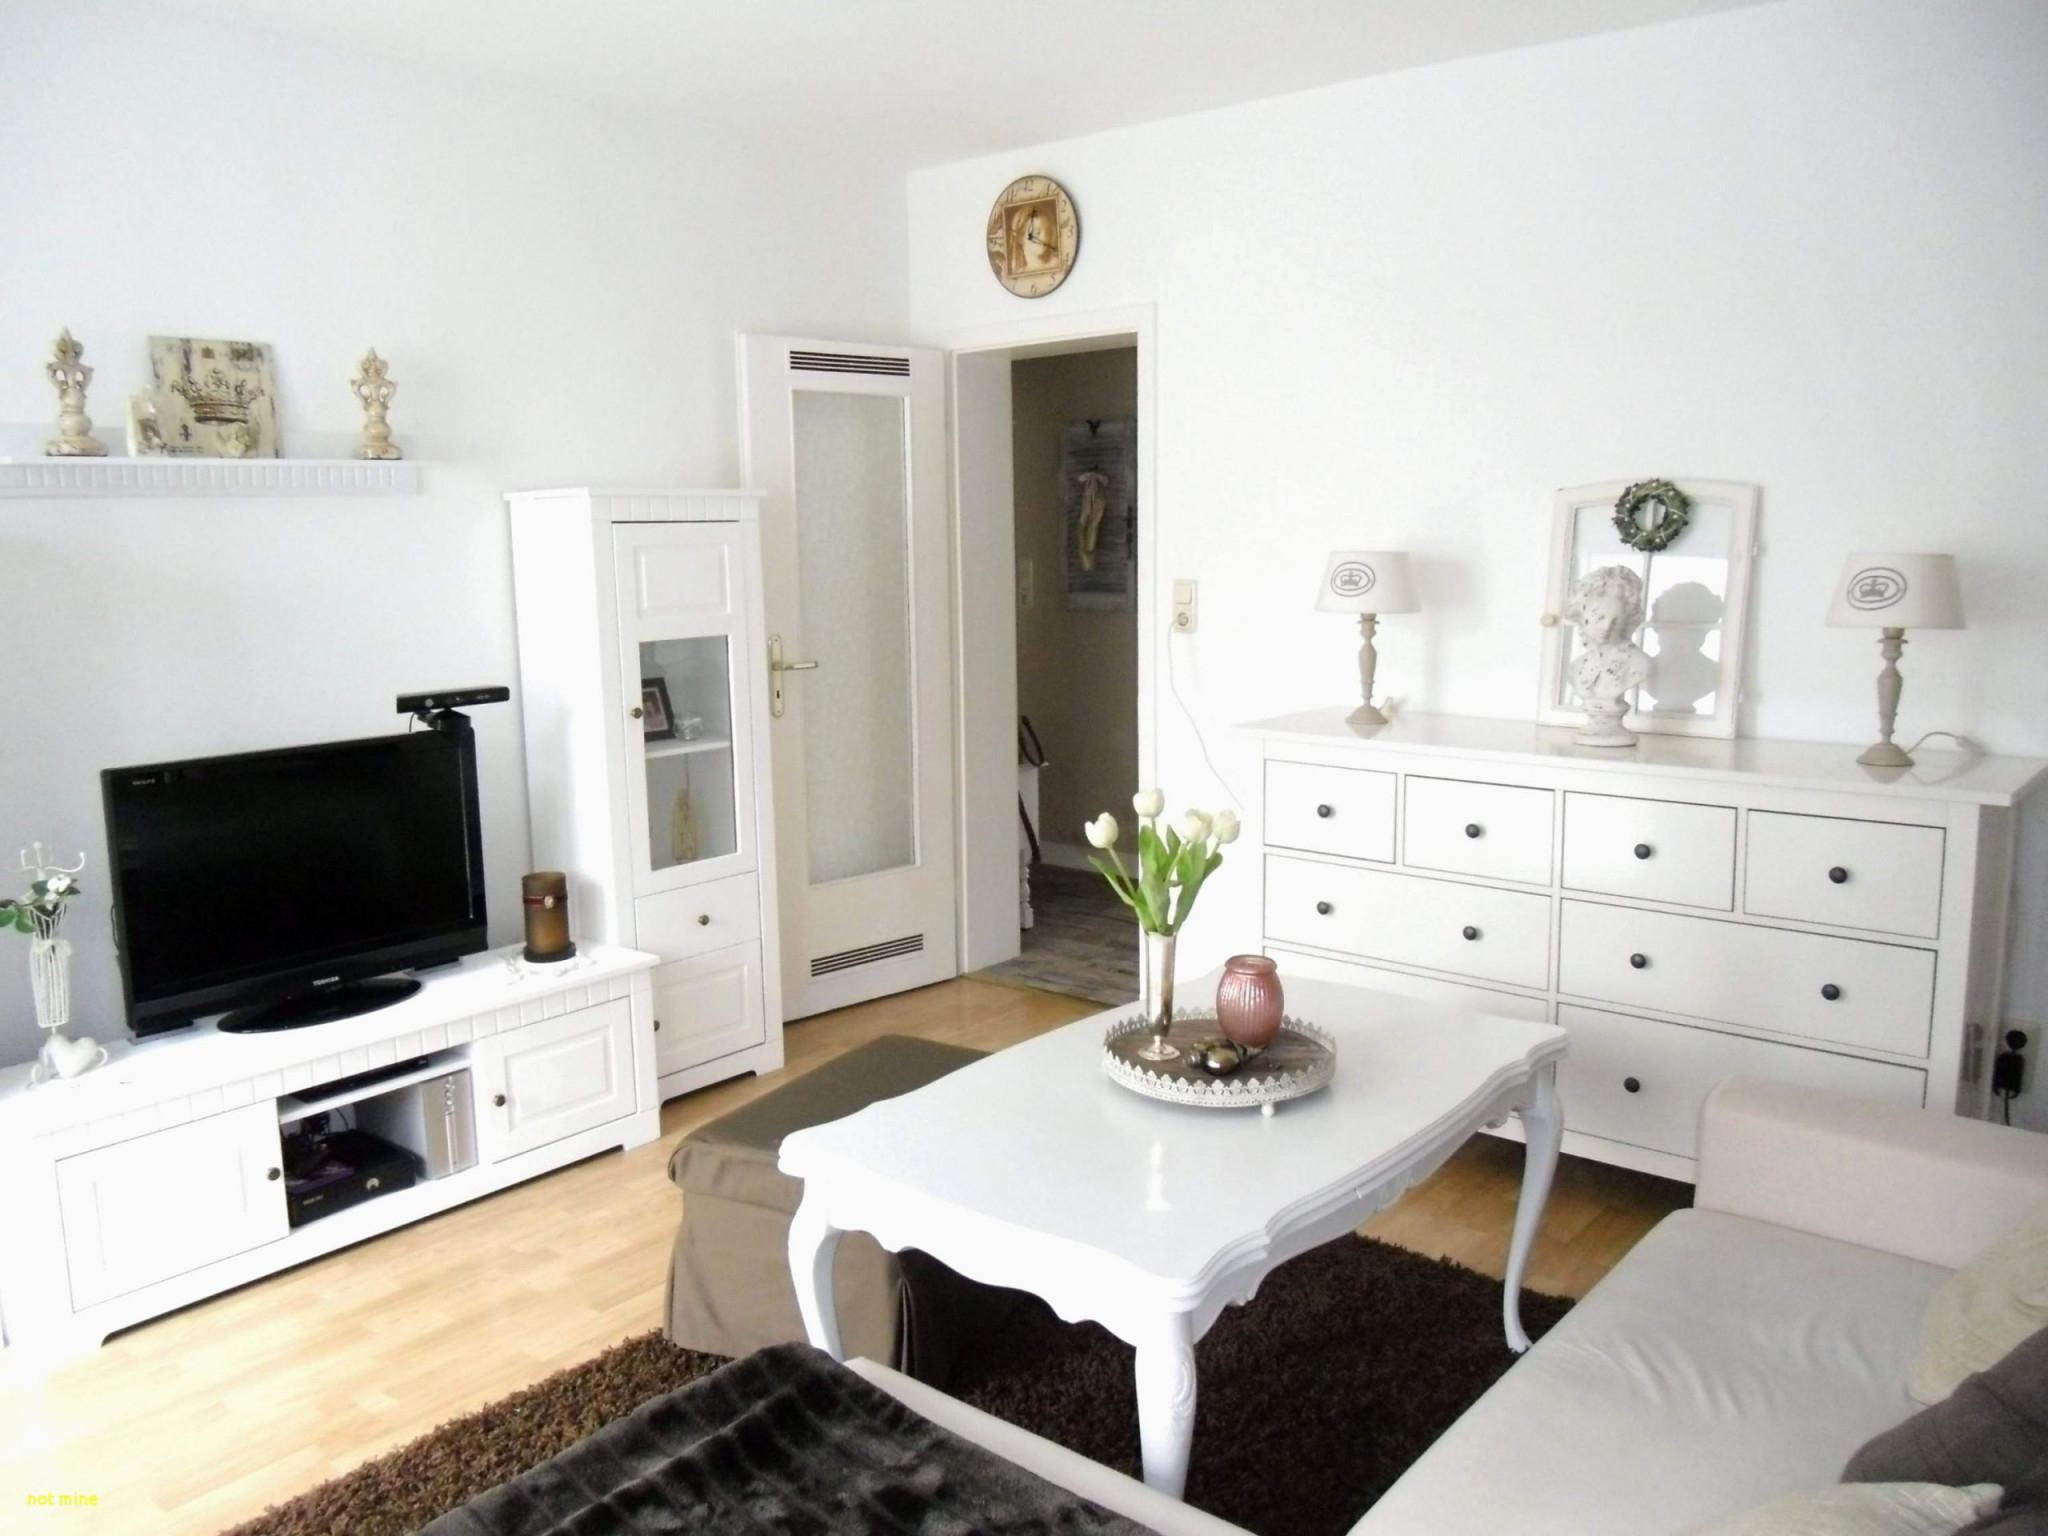 Liege Wohnzimmer Luxus Luxus Möbel Wohnzimmer Design Die von Möbel Ideen Wohnzimmer Bild